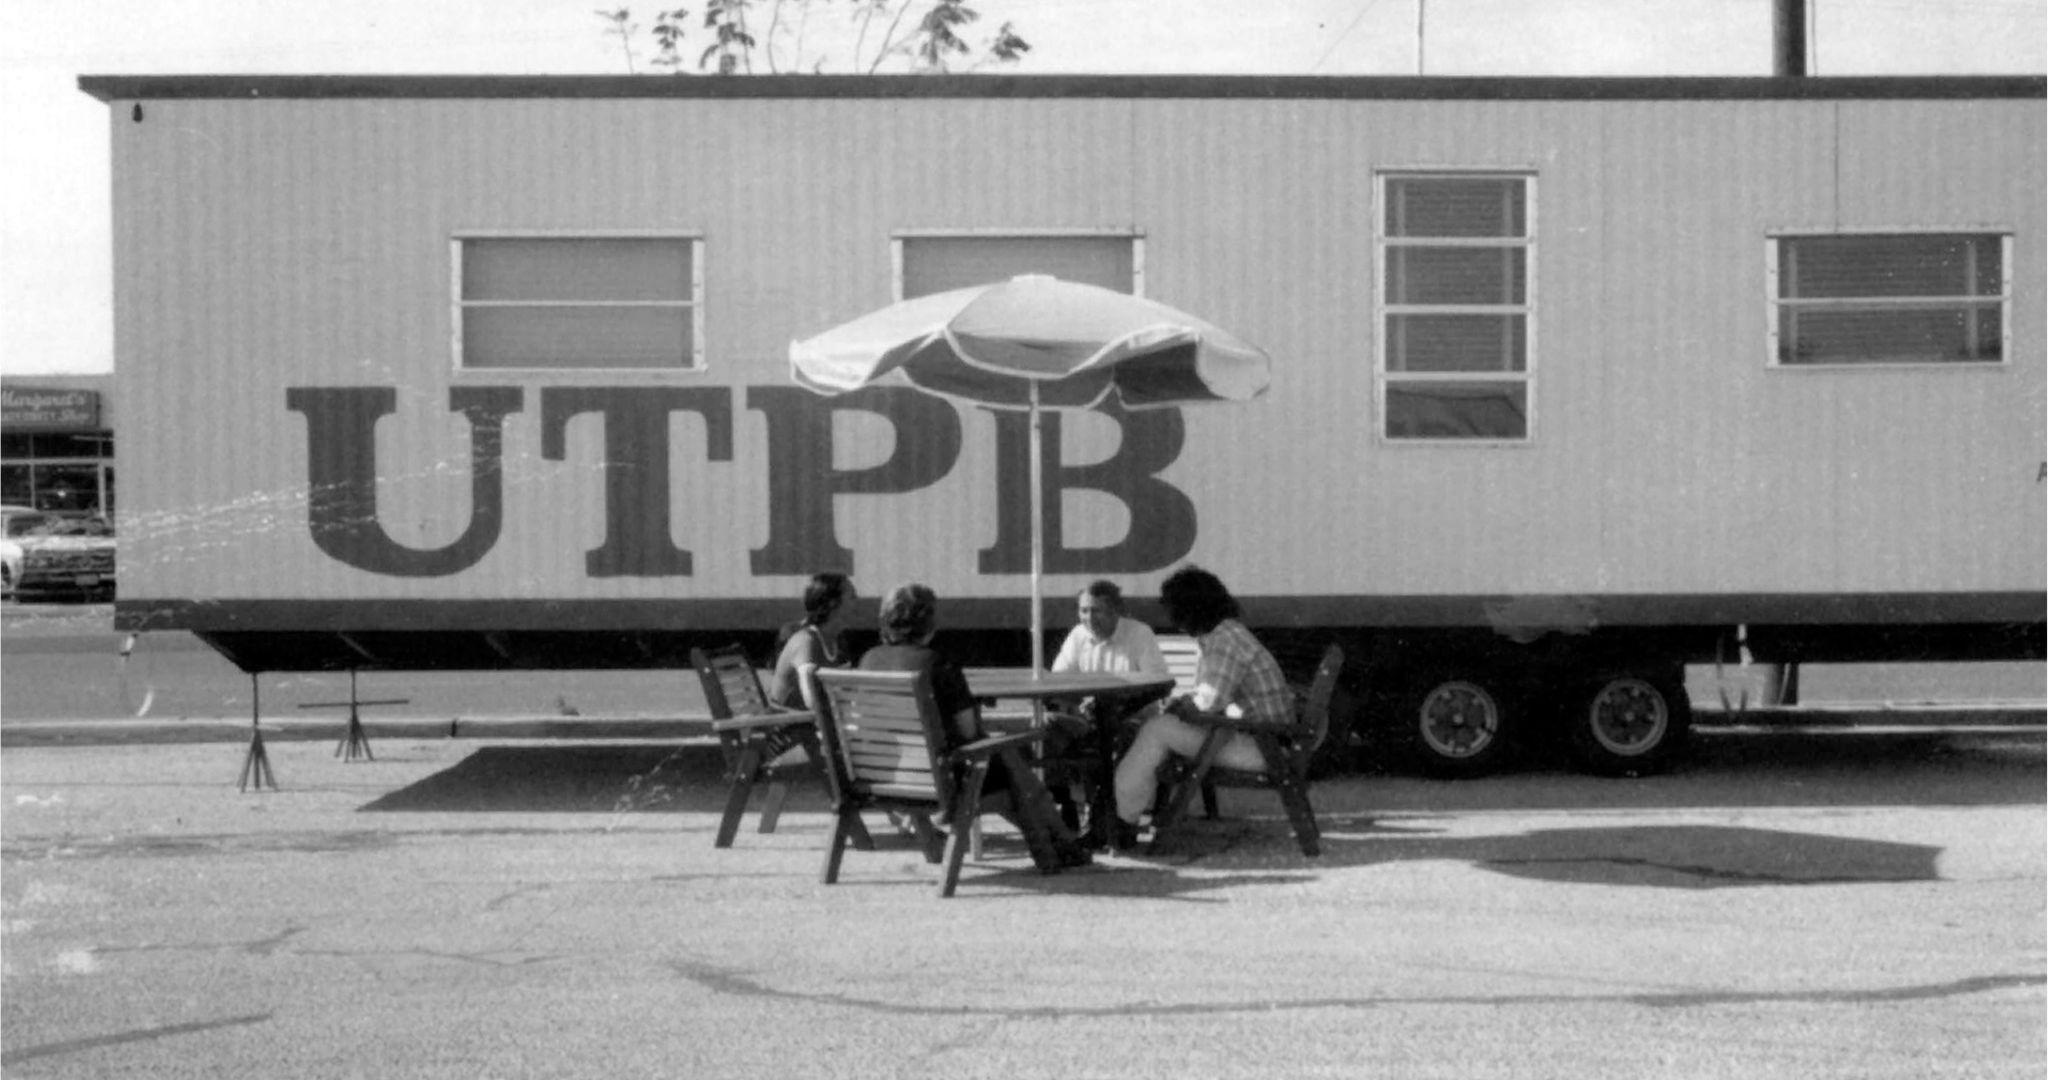 Logotipo del edificio UTPB